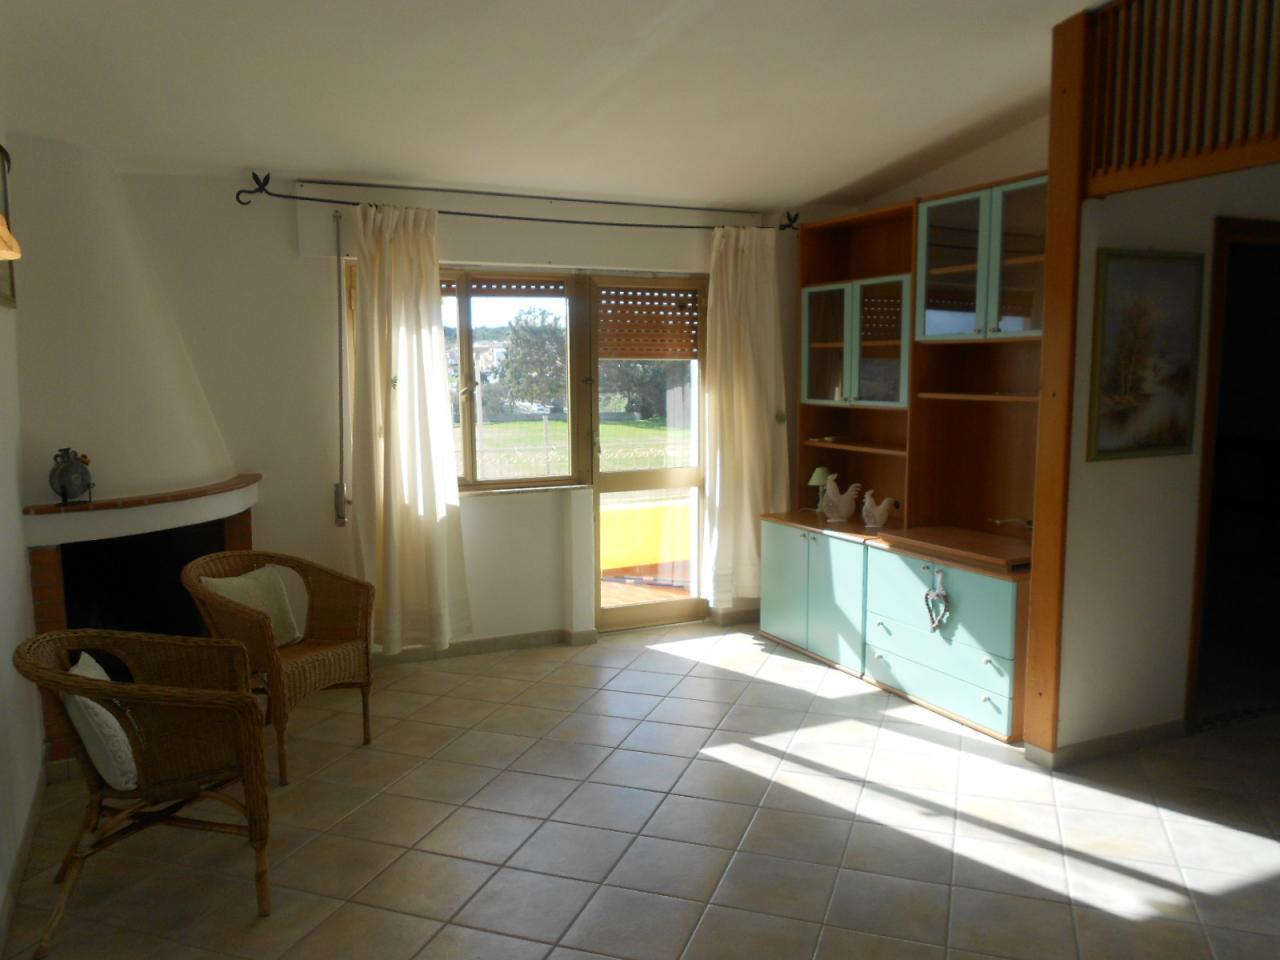 Appartamento in vendita a Santa Teresa Gallura, 3 locali, prezzo € 80.000 | Cambio Casa.it